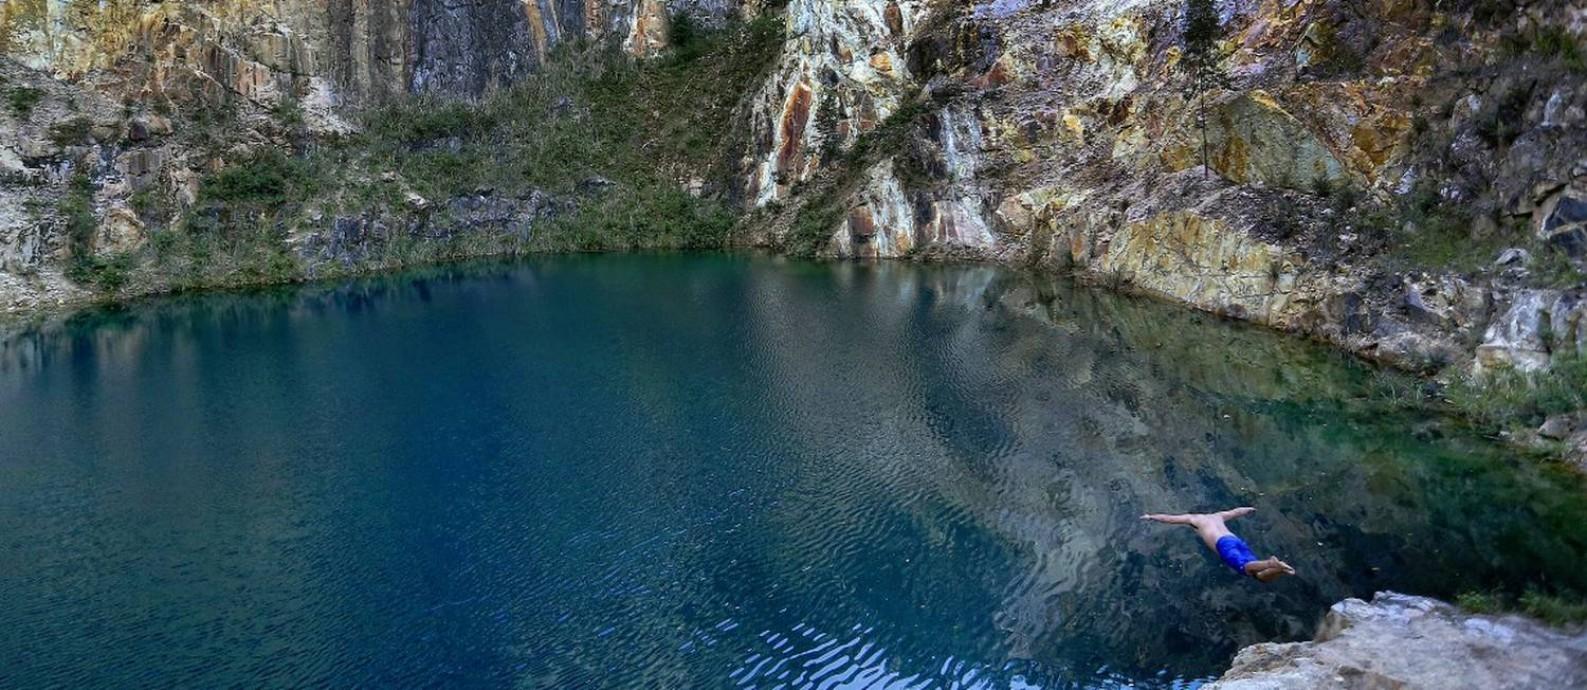 Brincando com a sorte: jovem mergulha na atraente Lagoa Azul, área de Tanguá, de onde mineradora, que deixou o local há cinco anos, extraía metais usados na indústria siderúrgica Foto: Márcio Alves / Agência O Globo